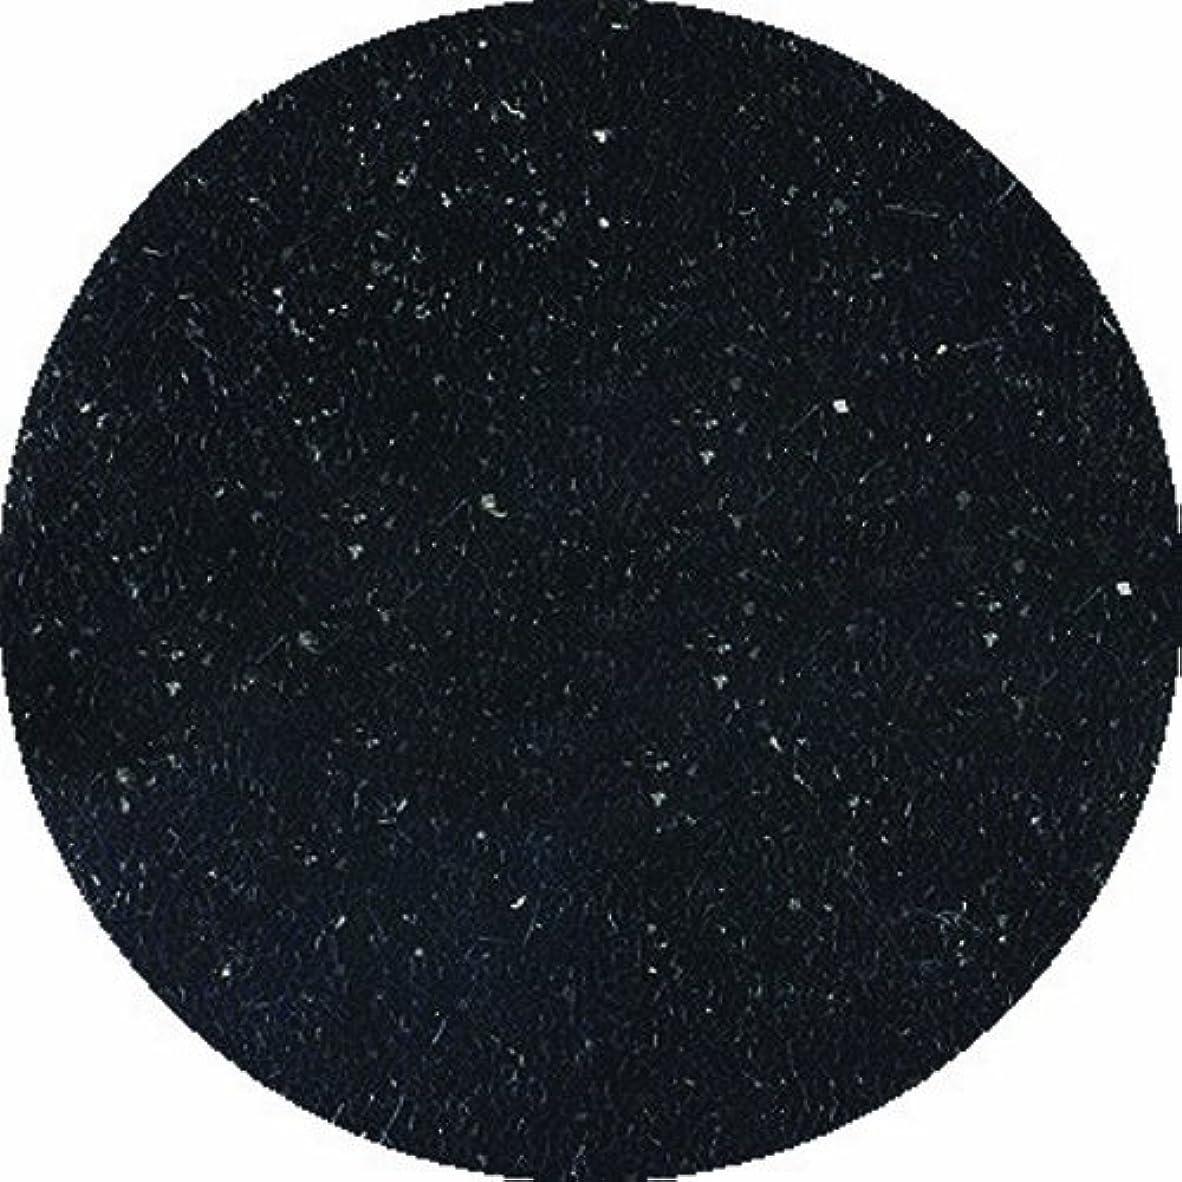 レバー神首相ビューティーネイラー ネイル用パウダー 黒崎えり子 ジュエリーコレクション ブラック0.05mm